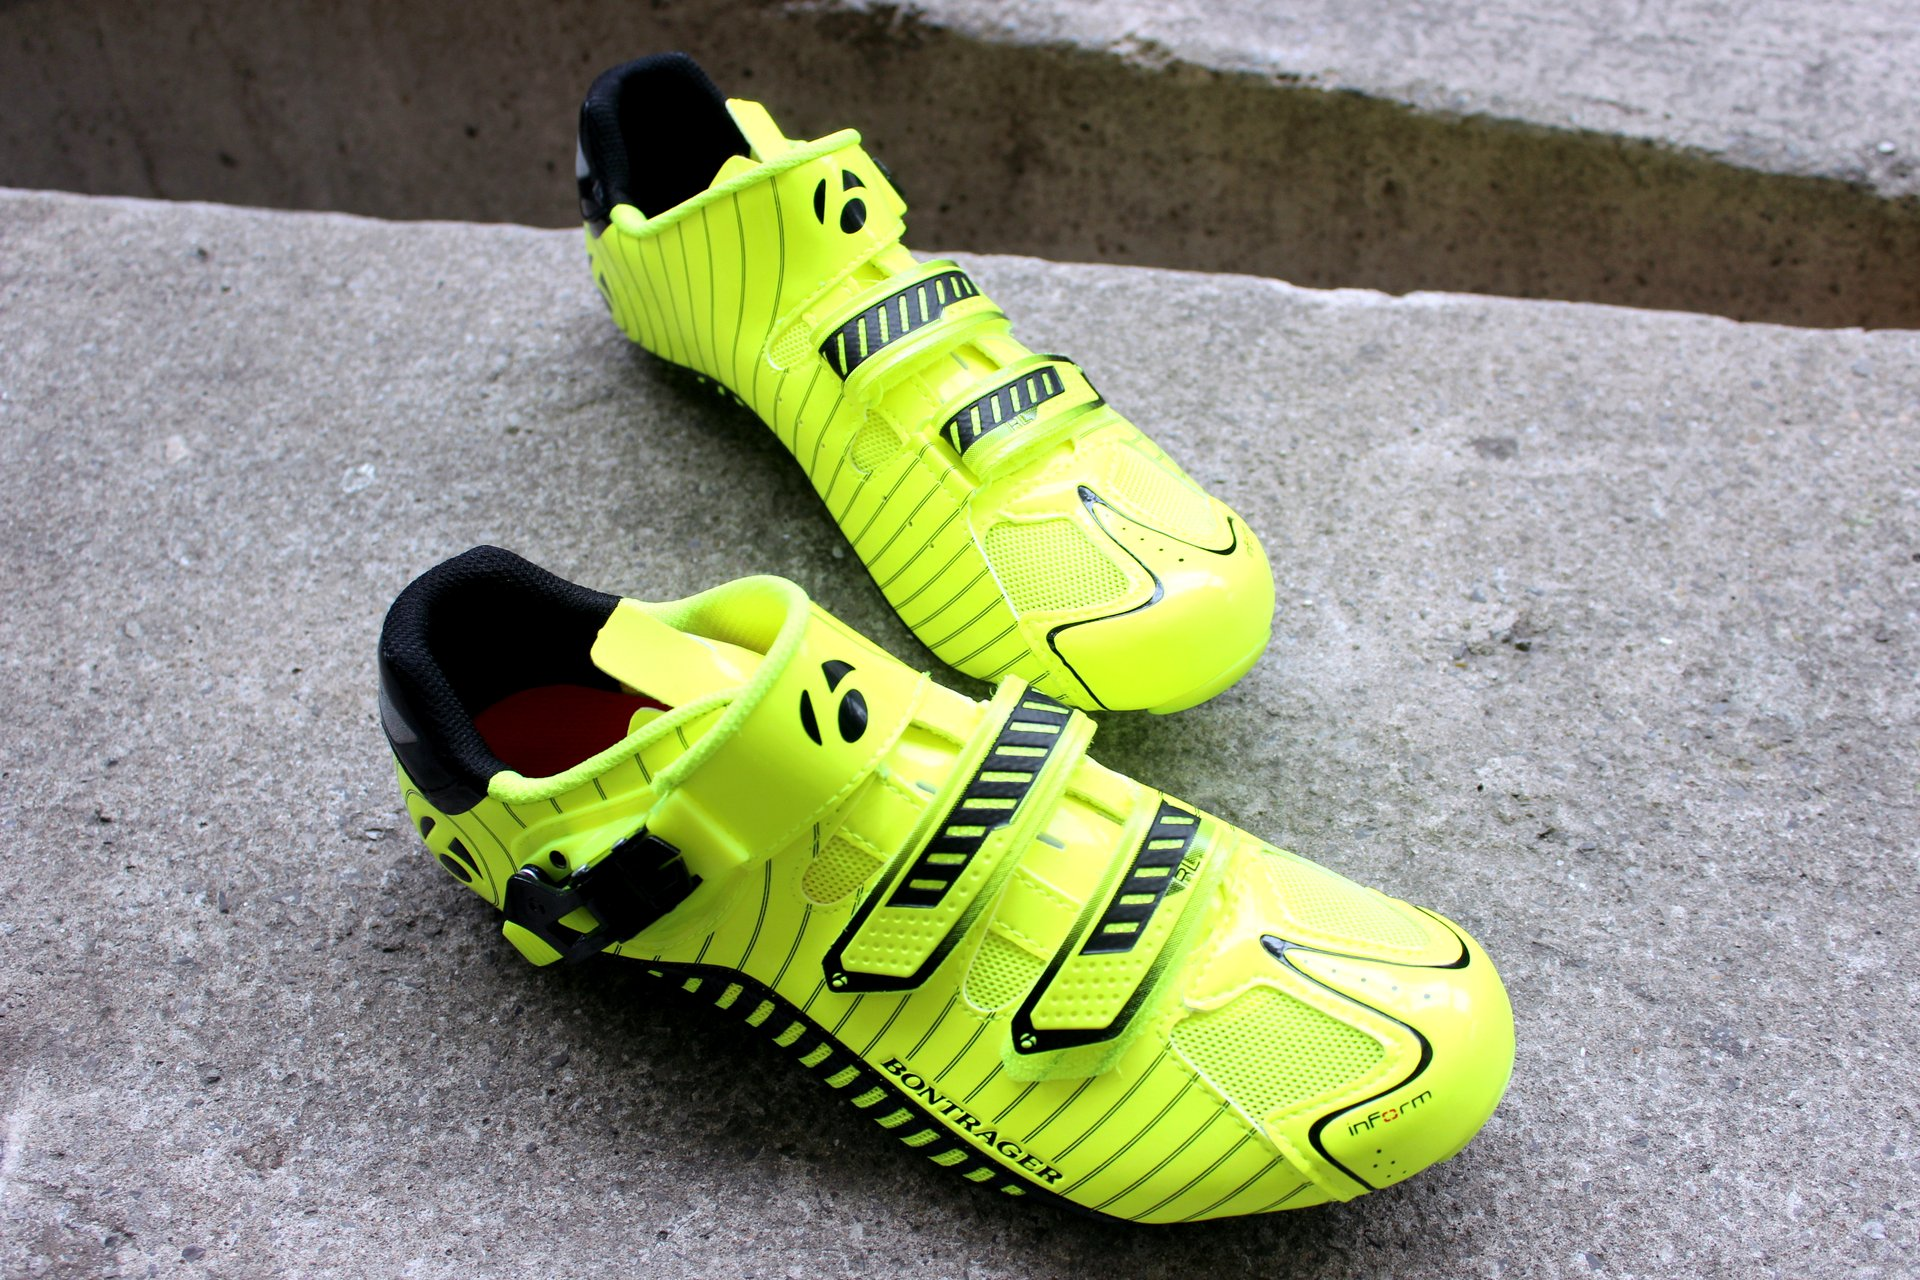 Bontrager RL Road Visibility shoes